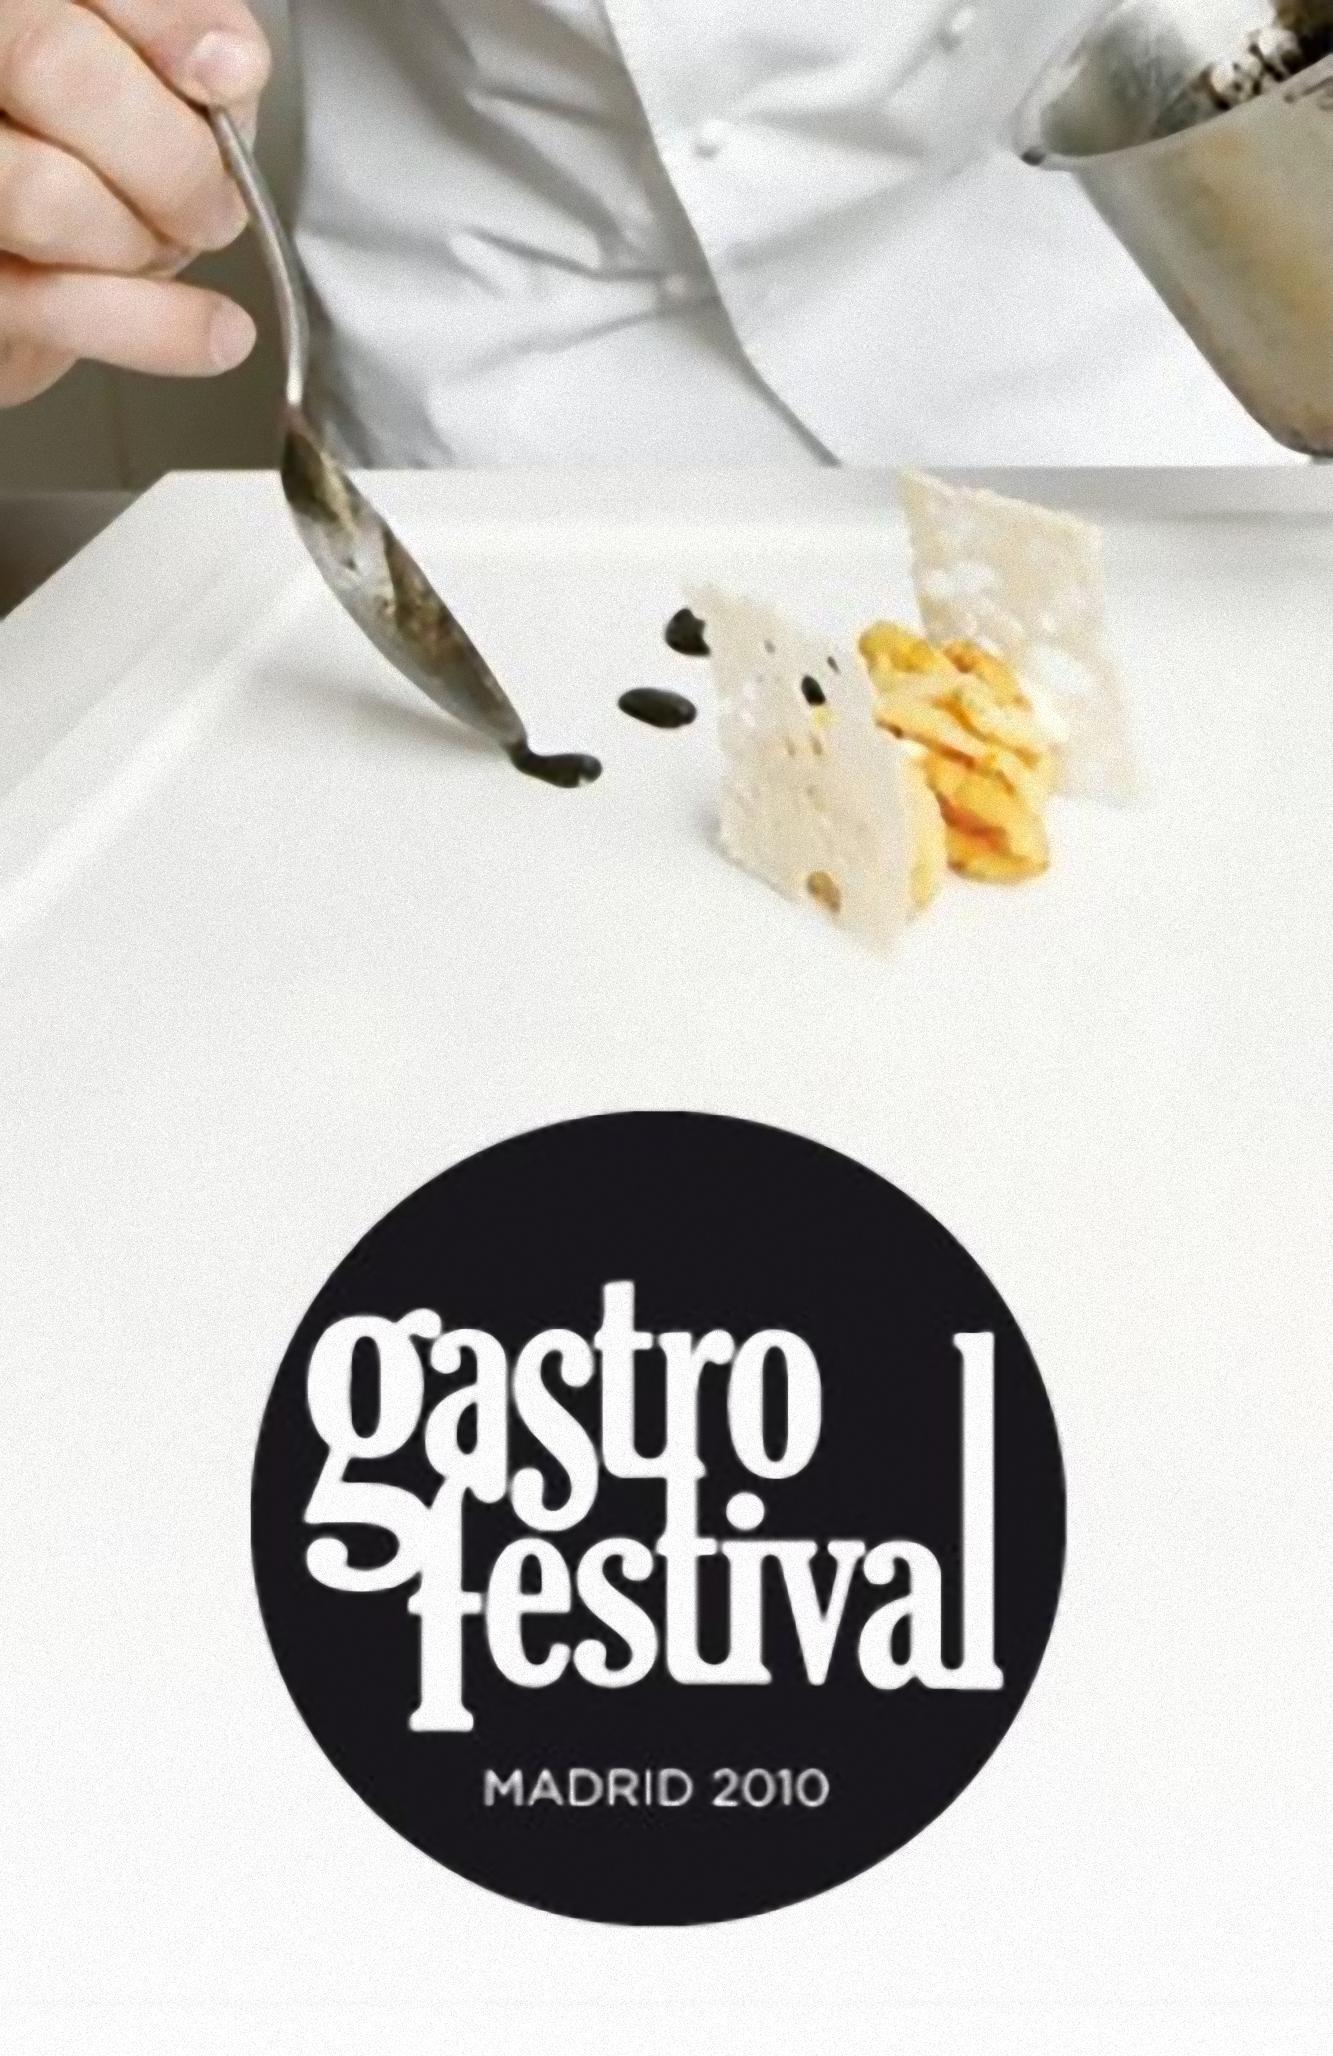 Gastrofestival 2010